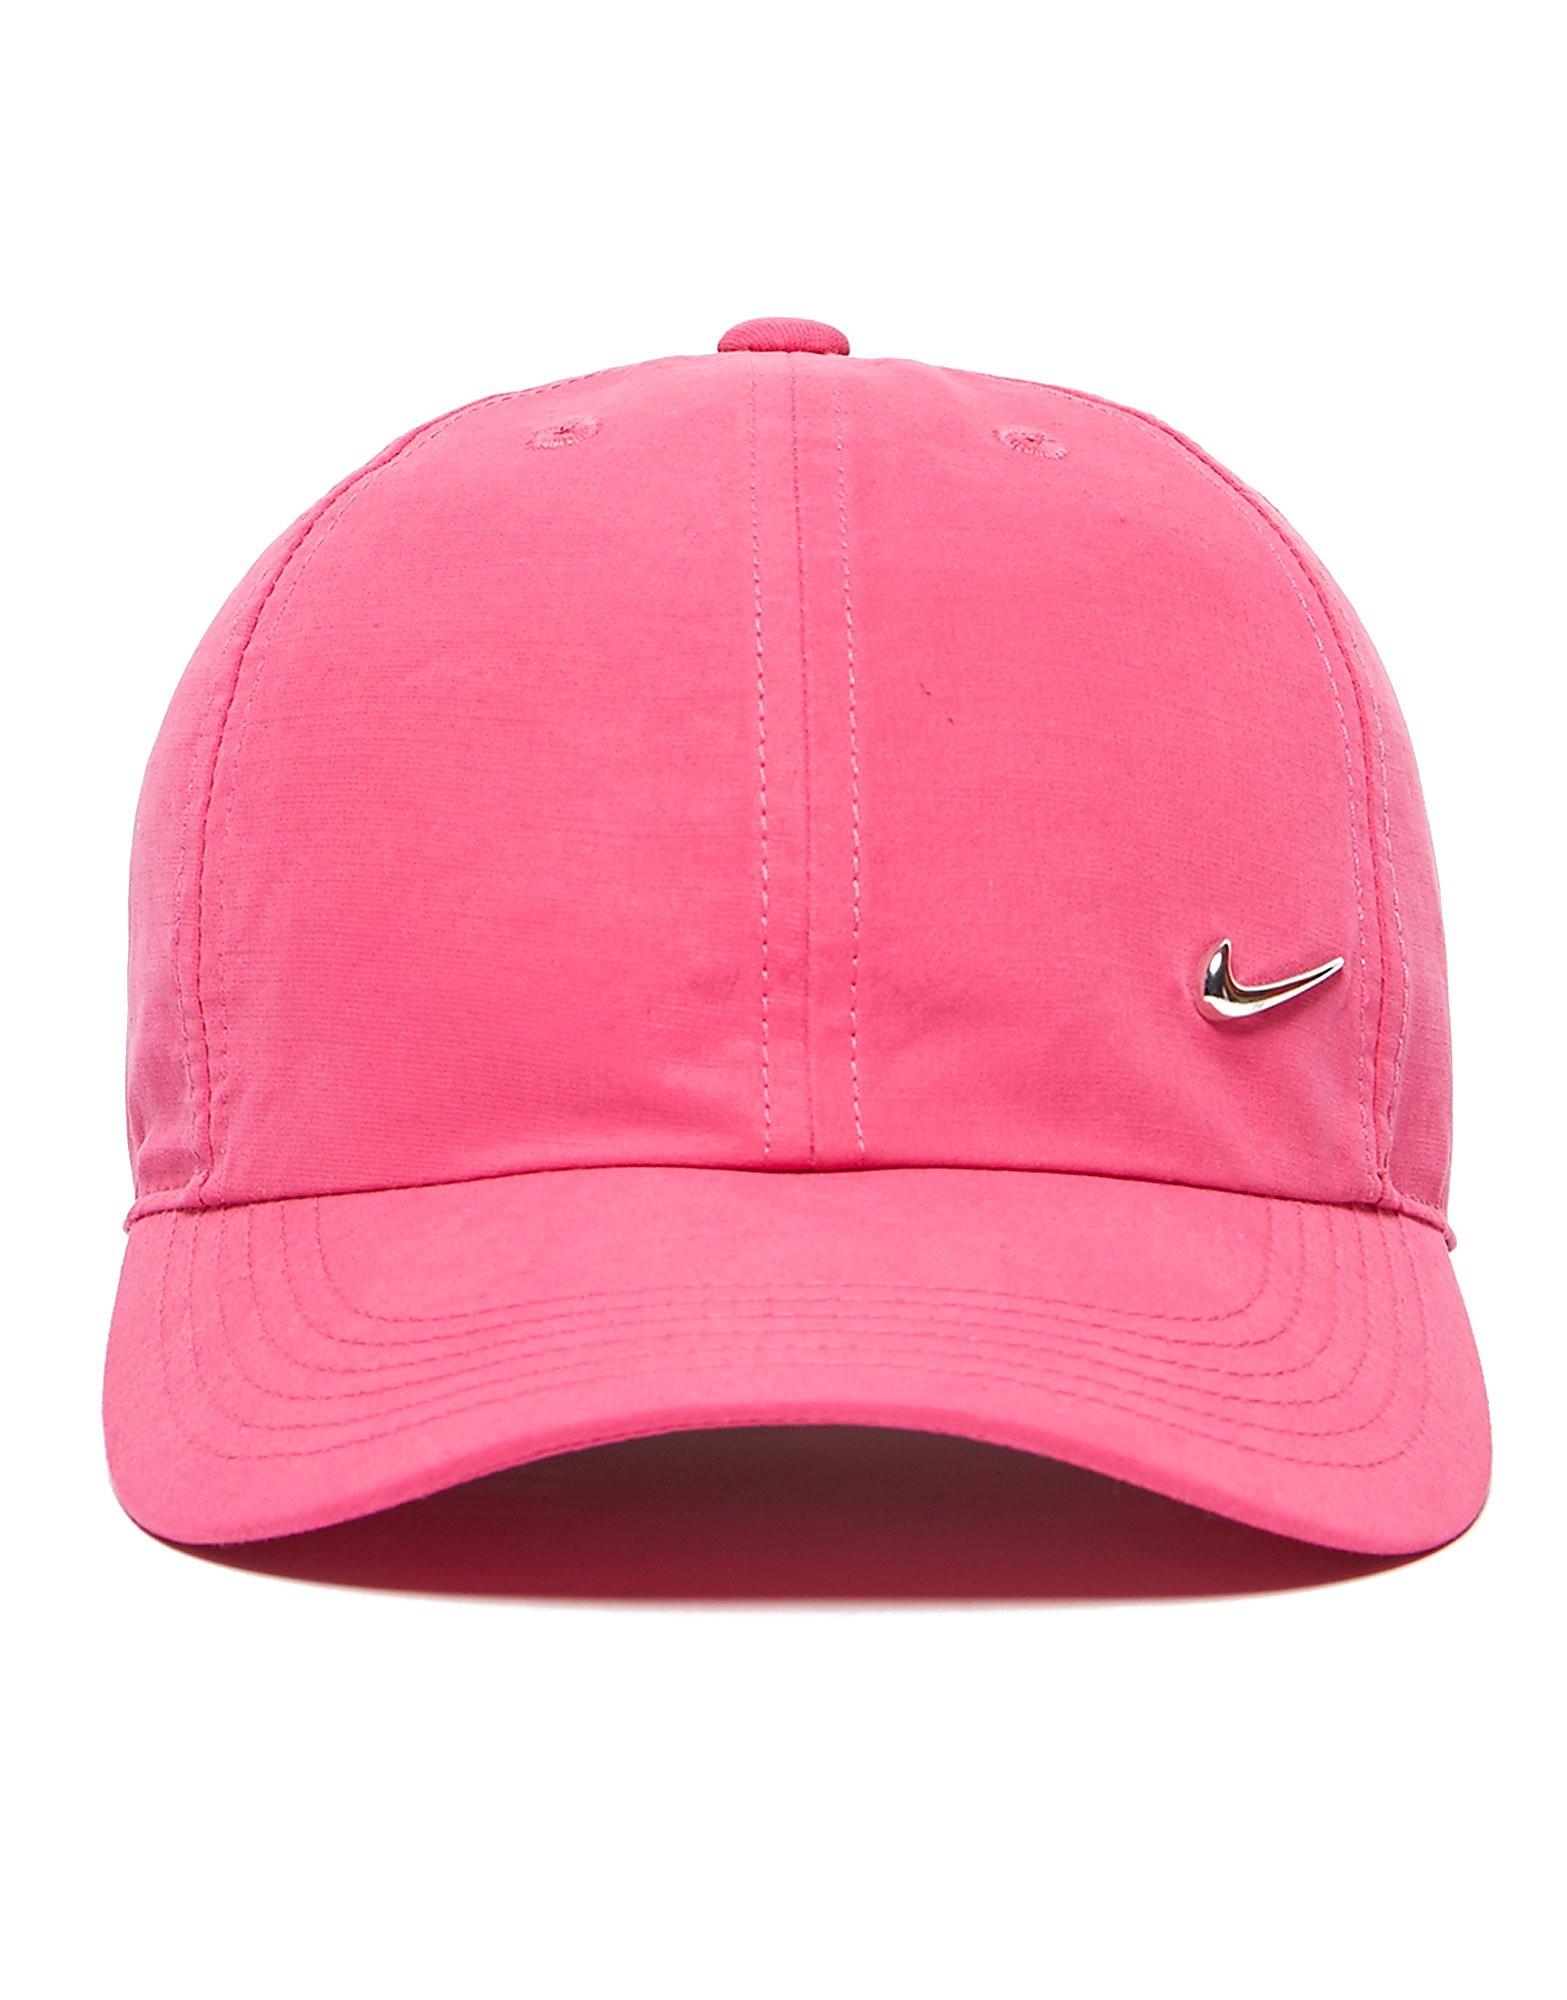 Nike Side Swoosh Kappe für Kinder